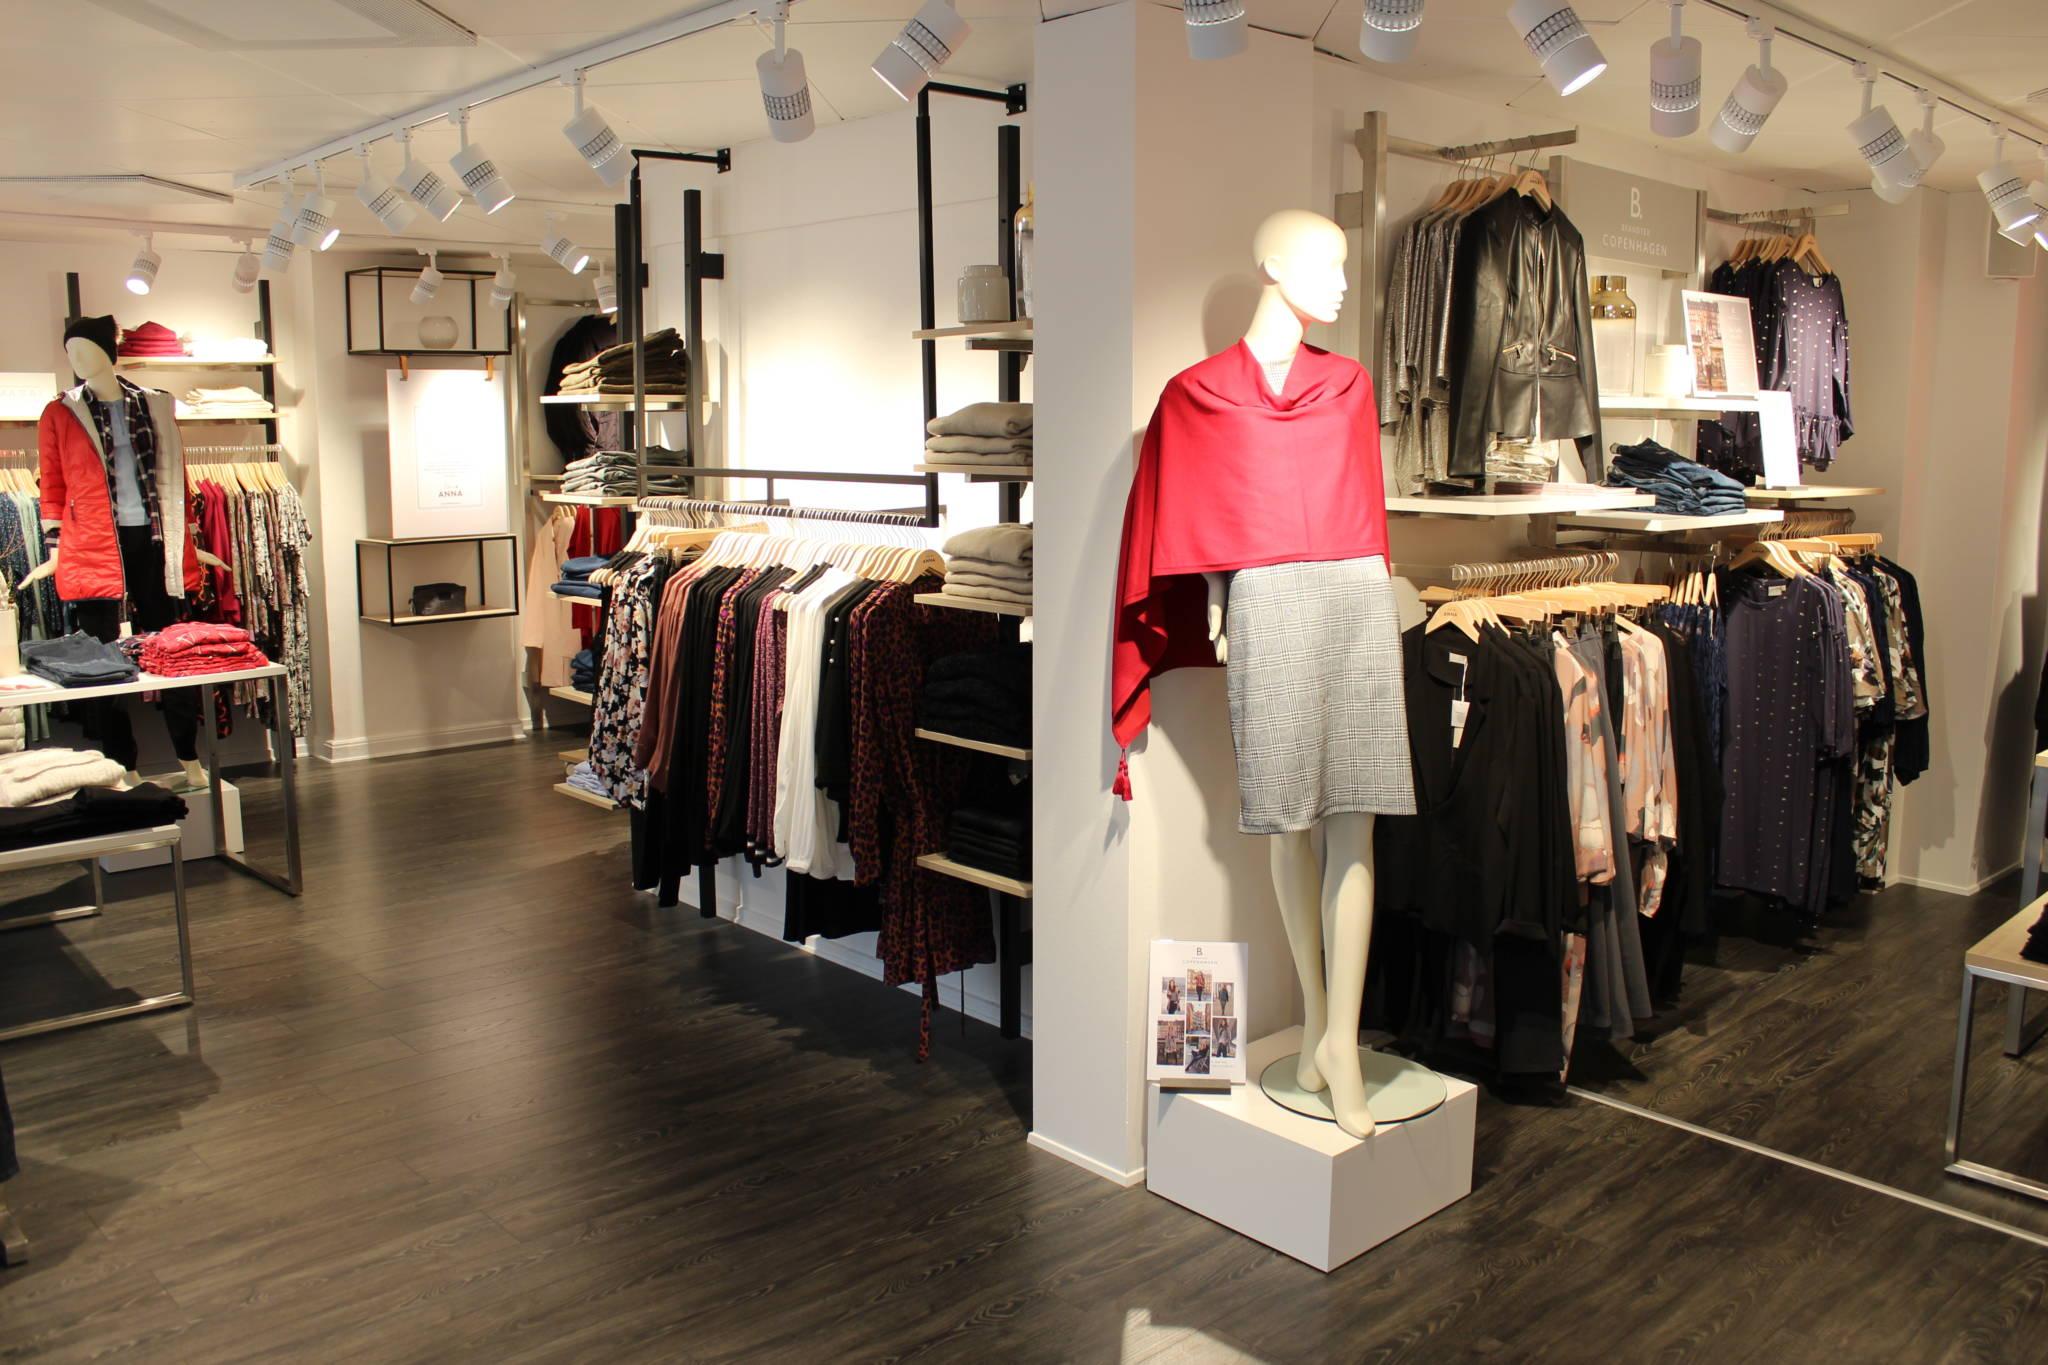 Klassisk flot og sort butiksdesign. Butiksindretning